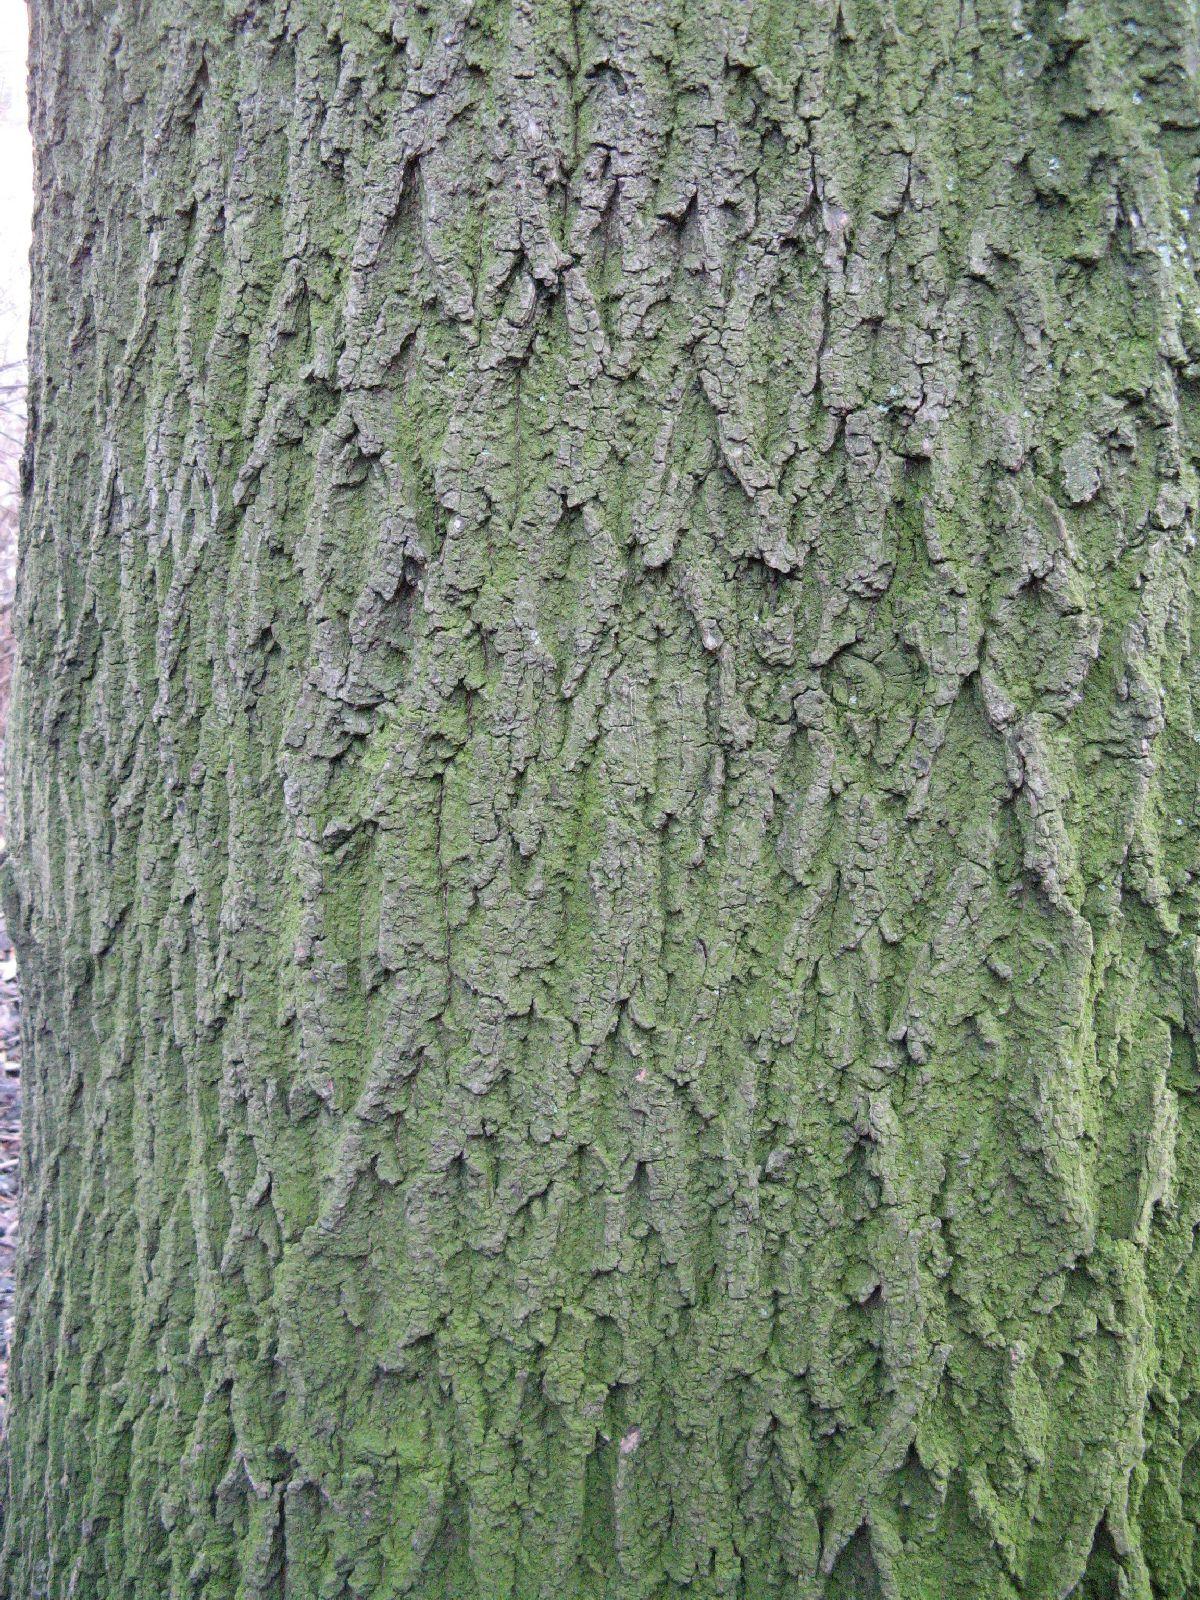 Baum-Rinde_Texturs_B_27980